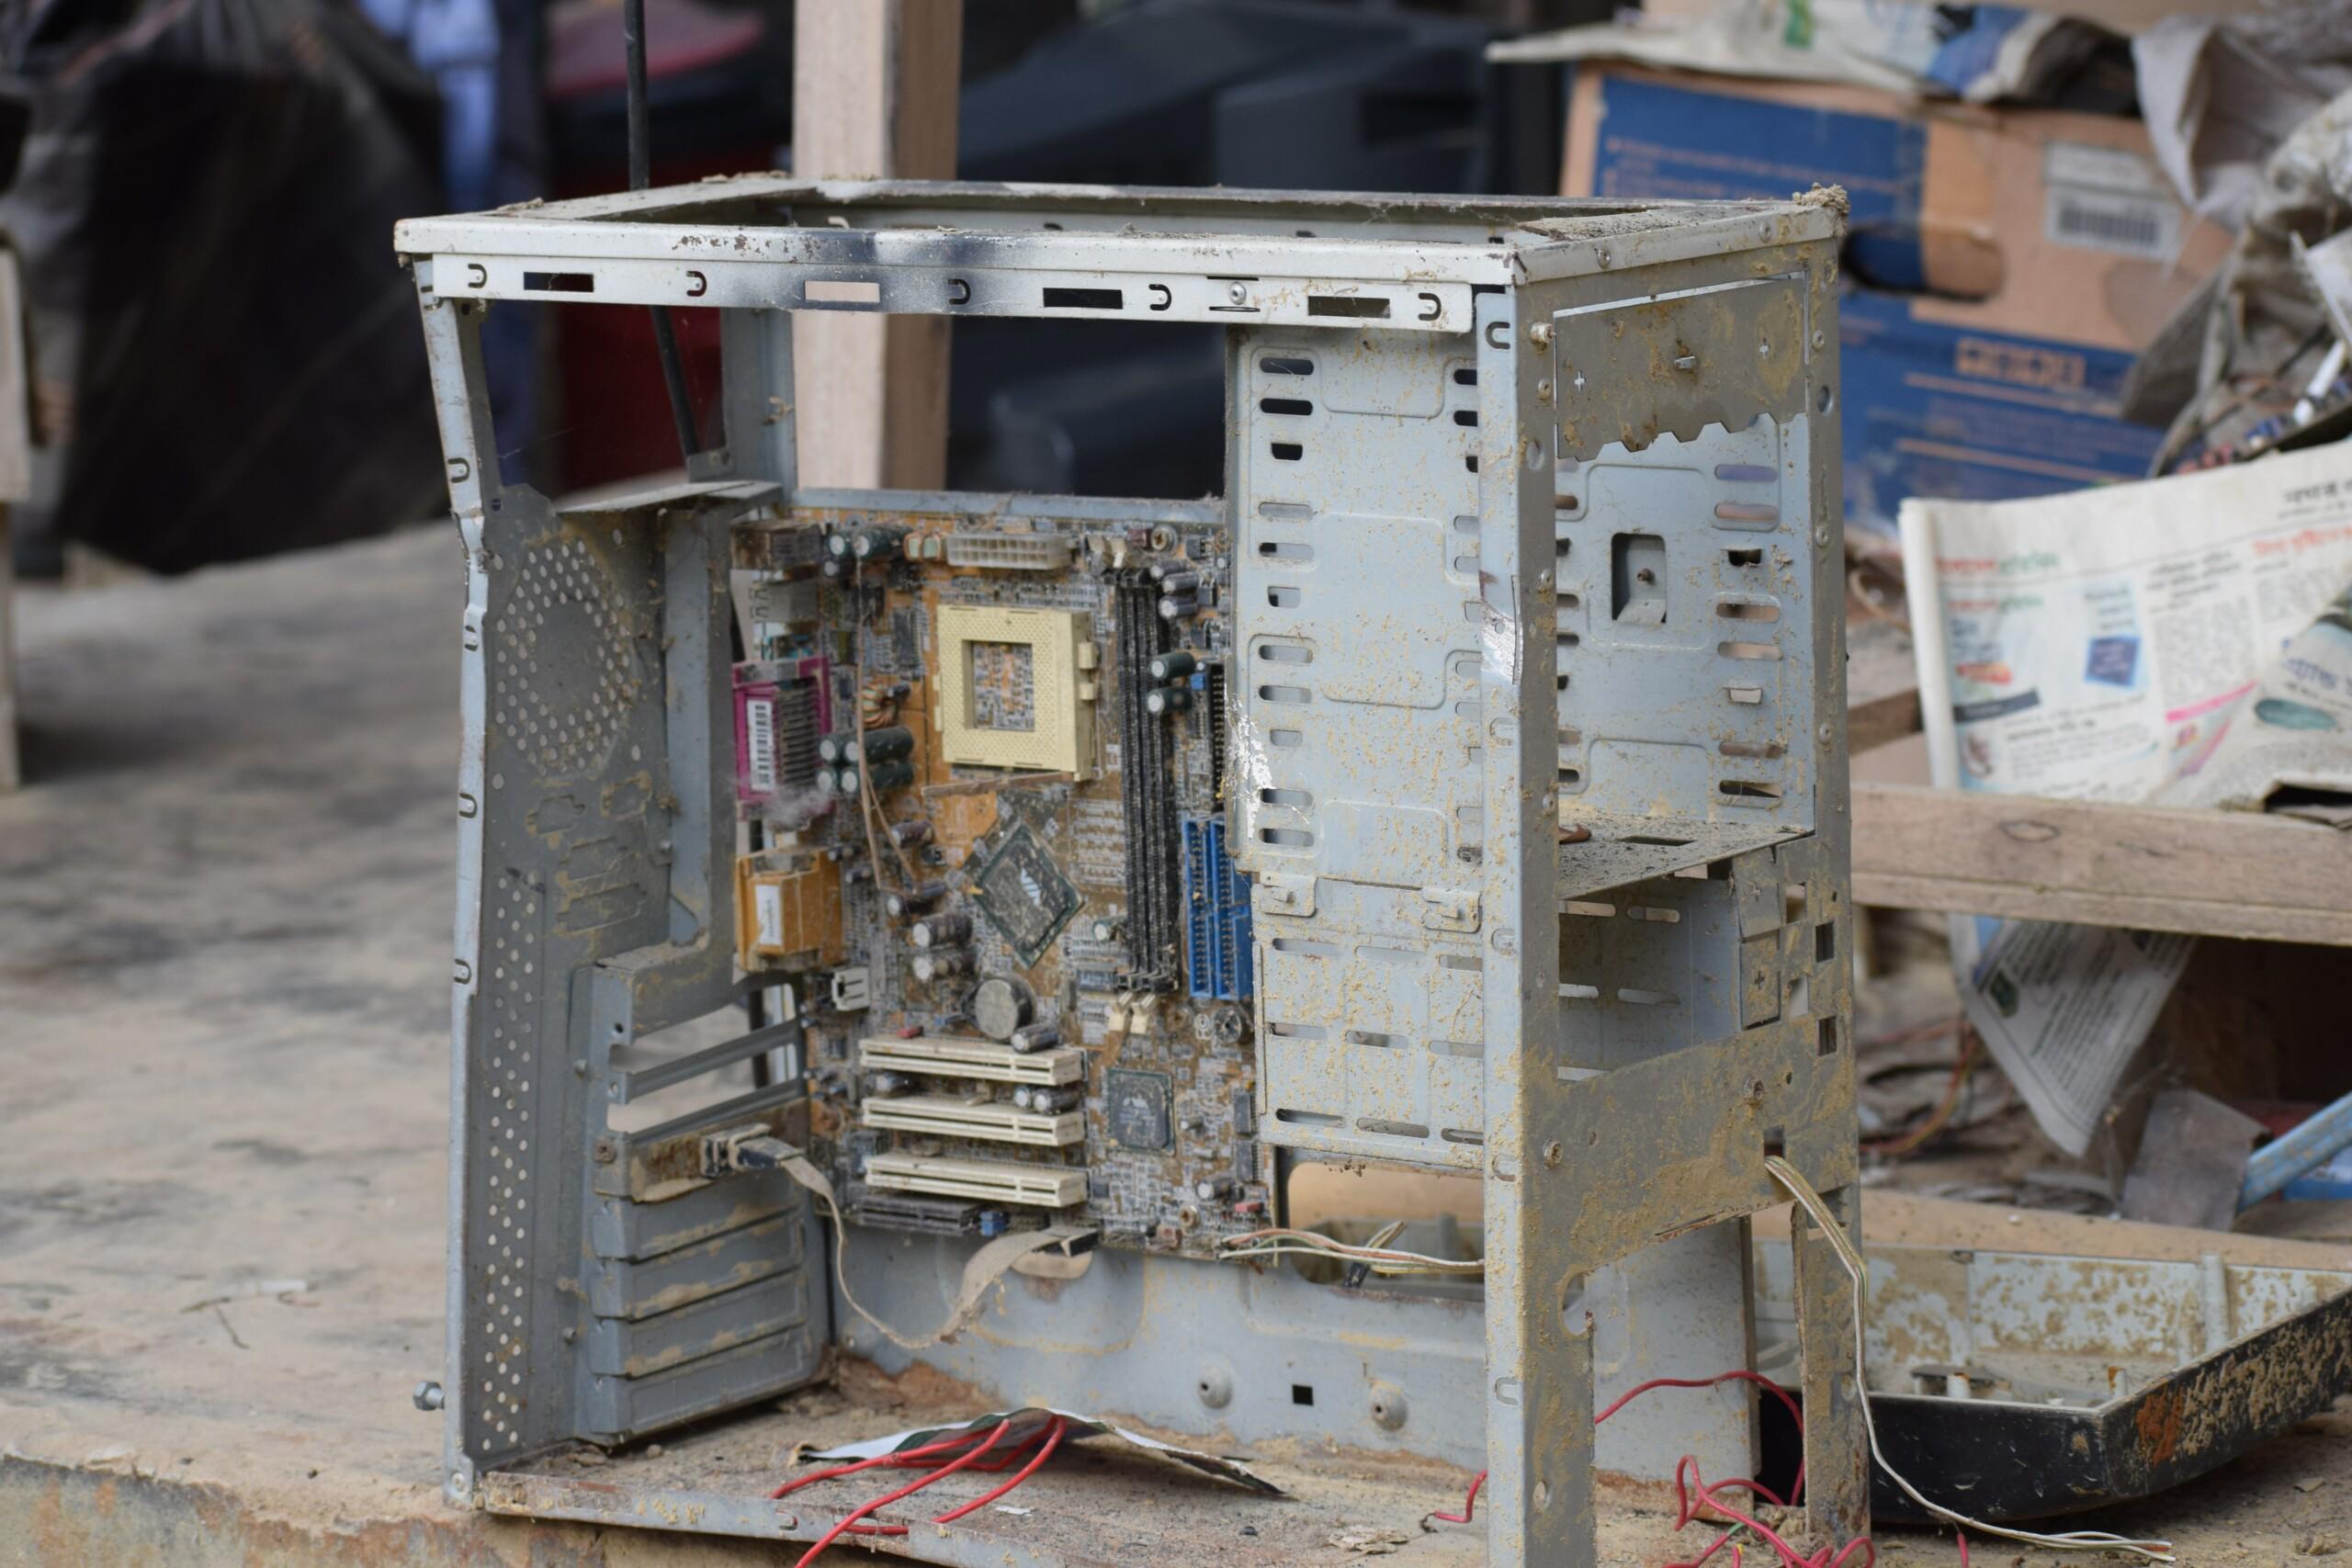 Et si on installait Windows 11 sur un PC Pentium 4 vieux de 16 ans ?